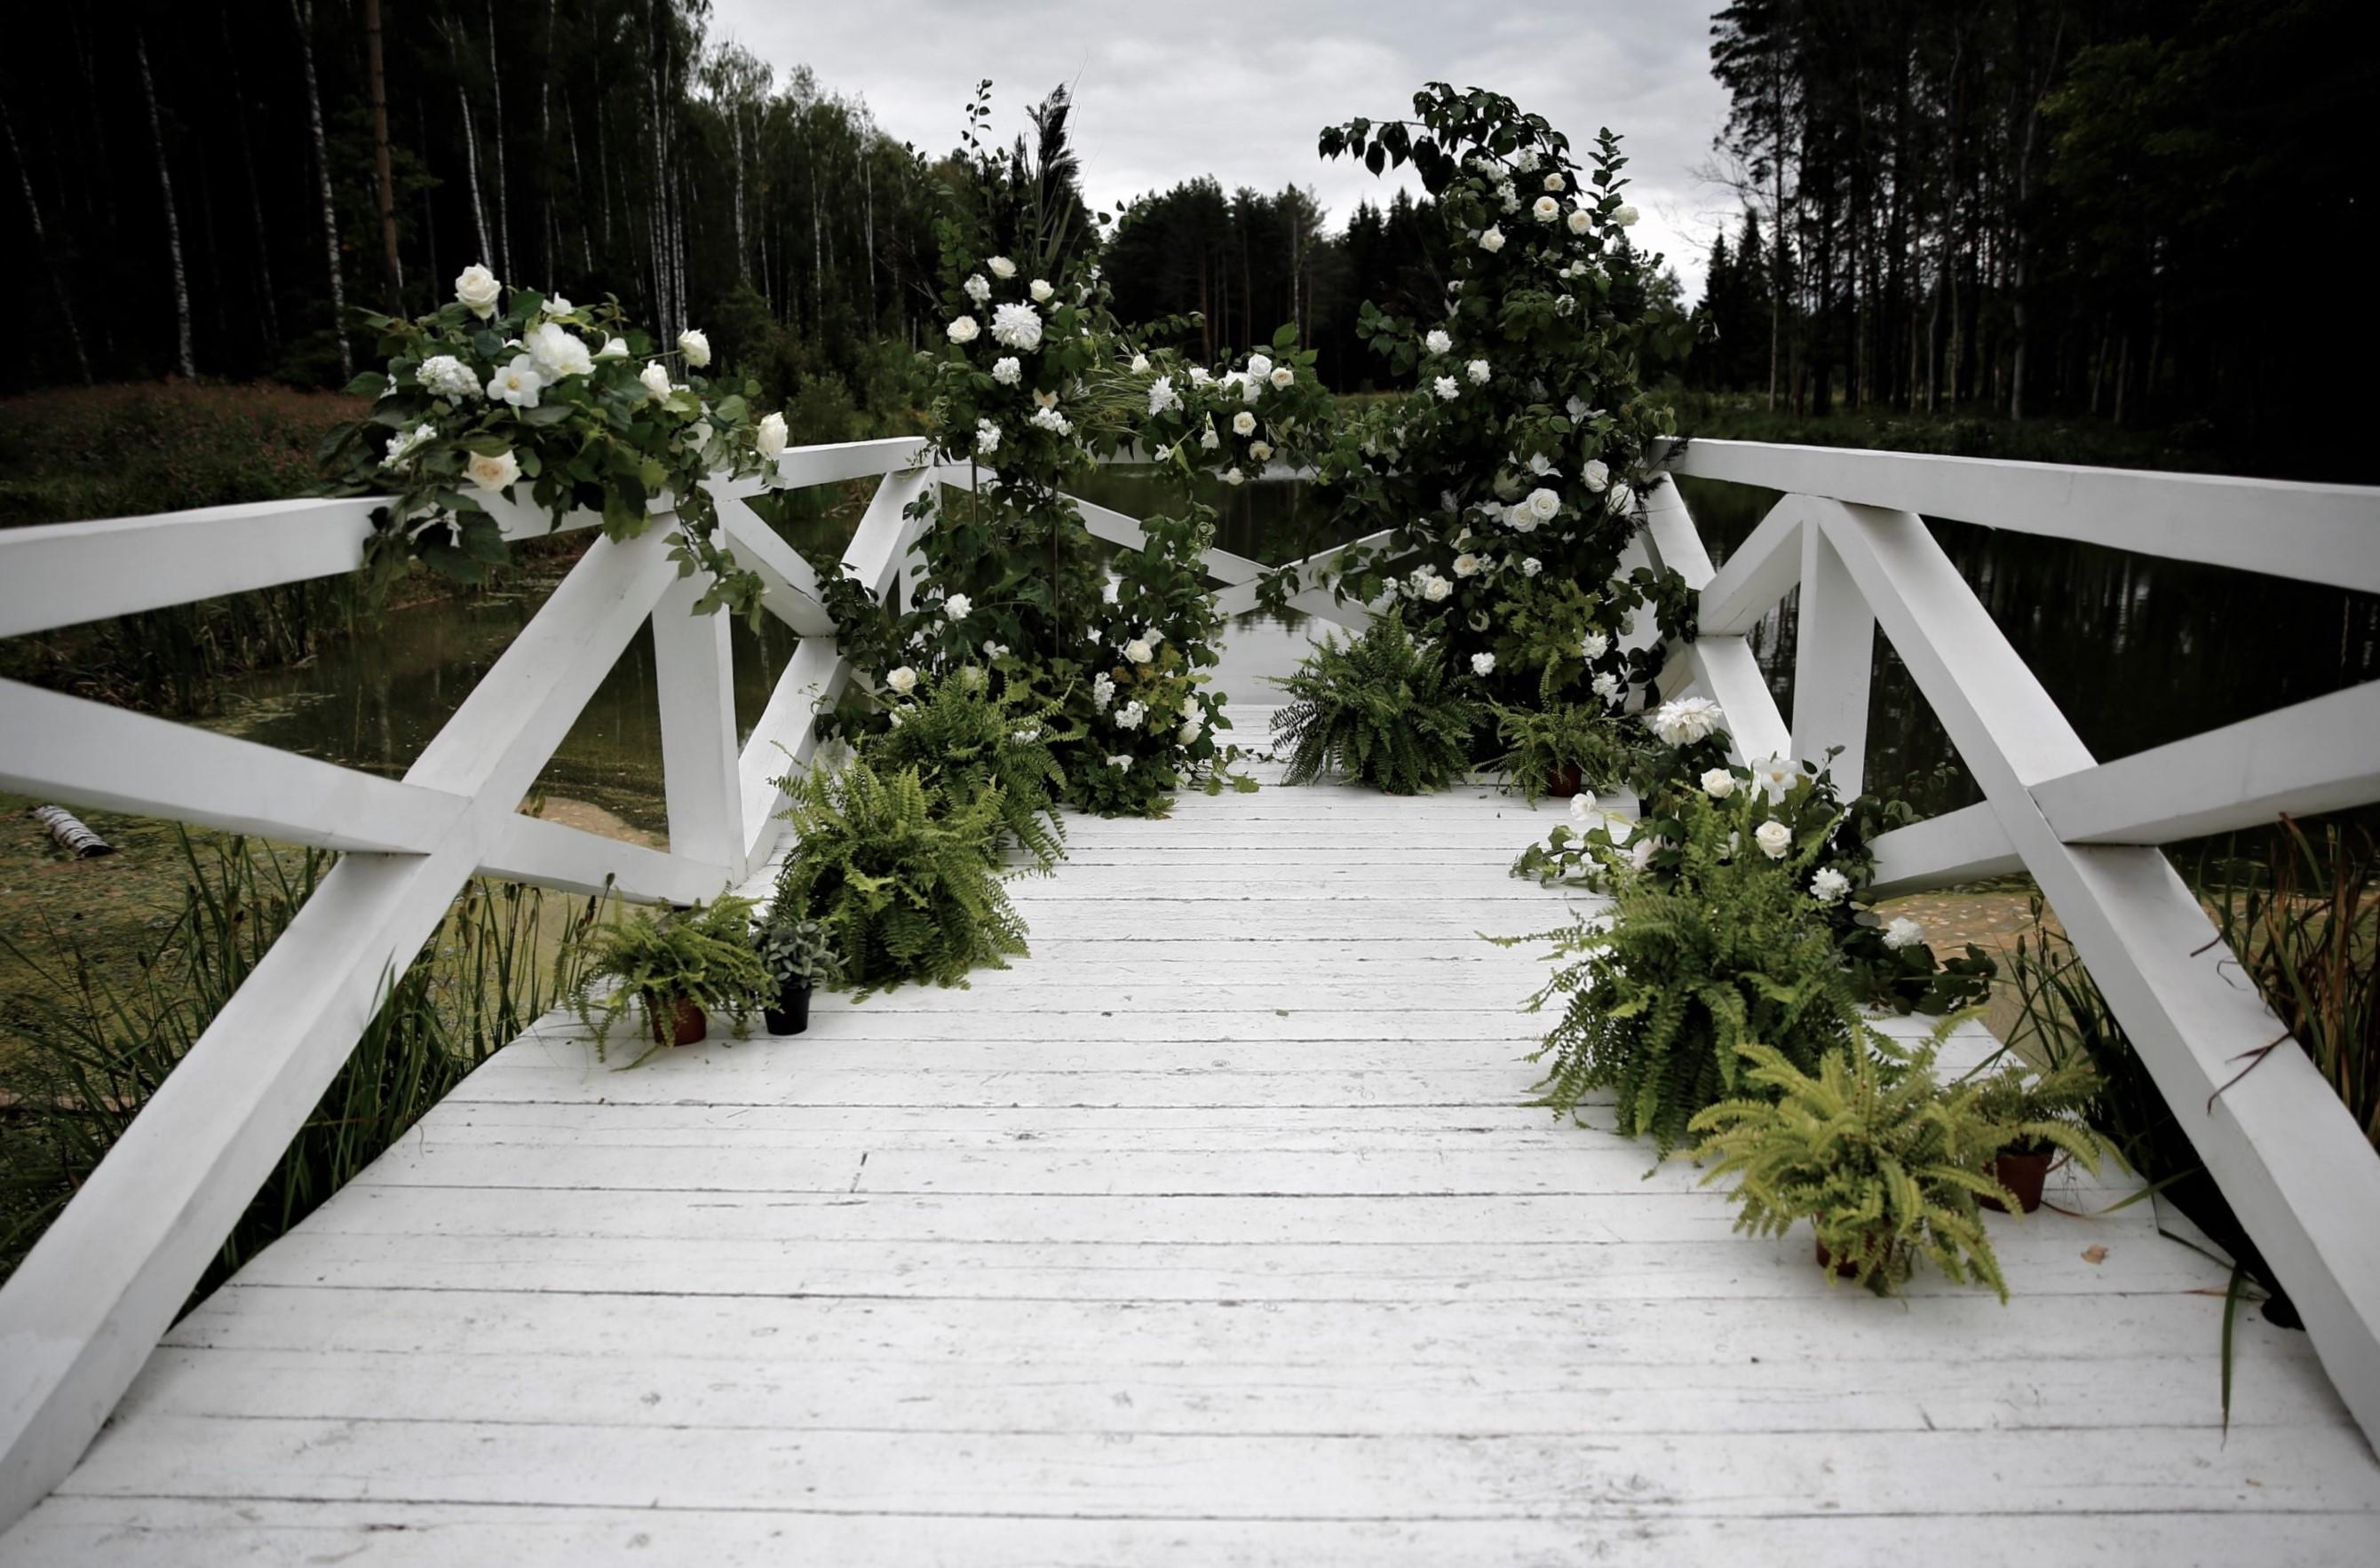 Оформление свадьбы в лесном стиле